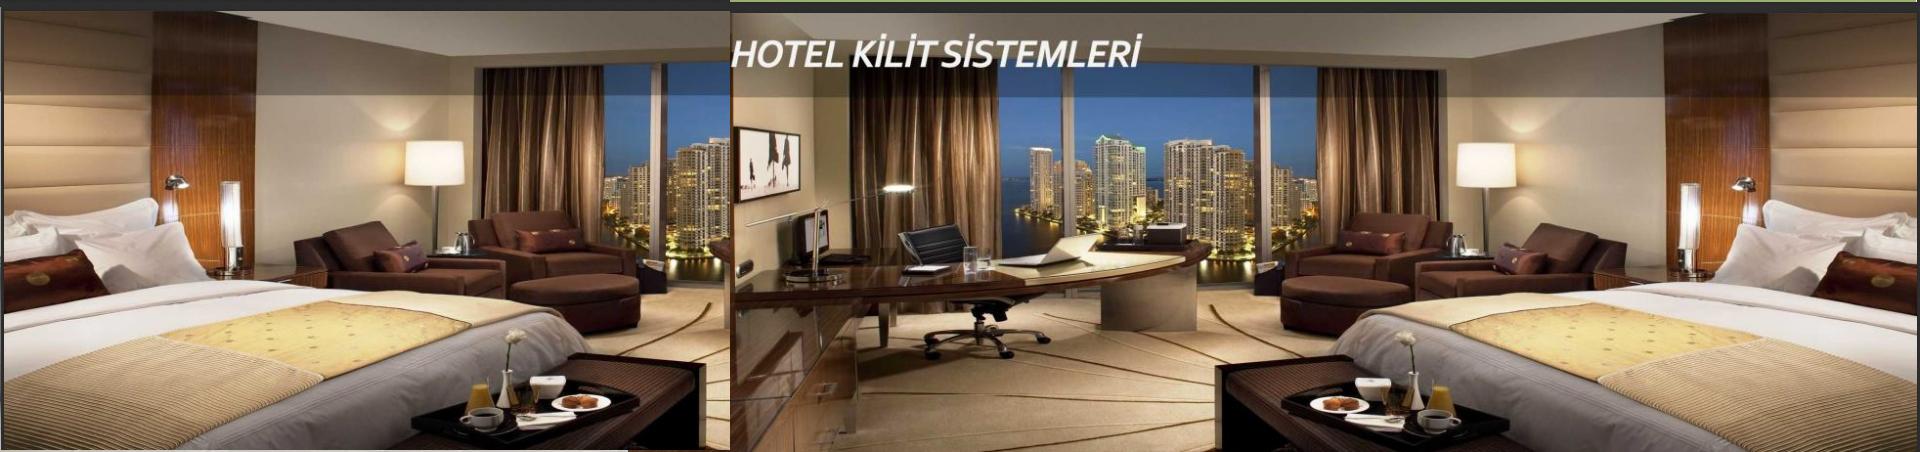 hotel-kilit-sistemleri